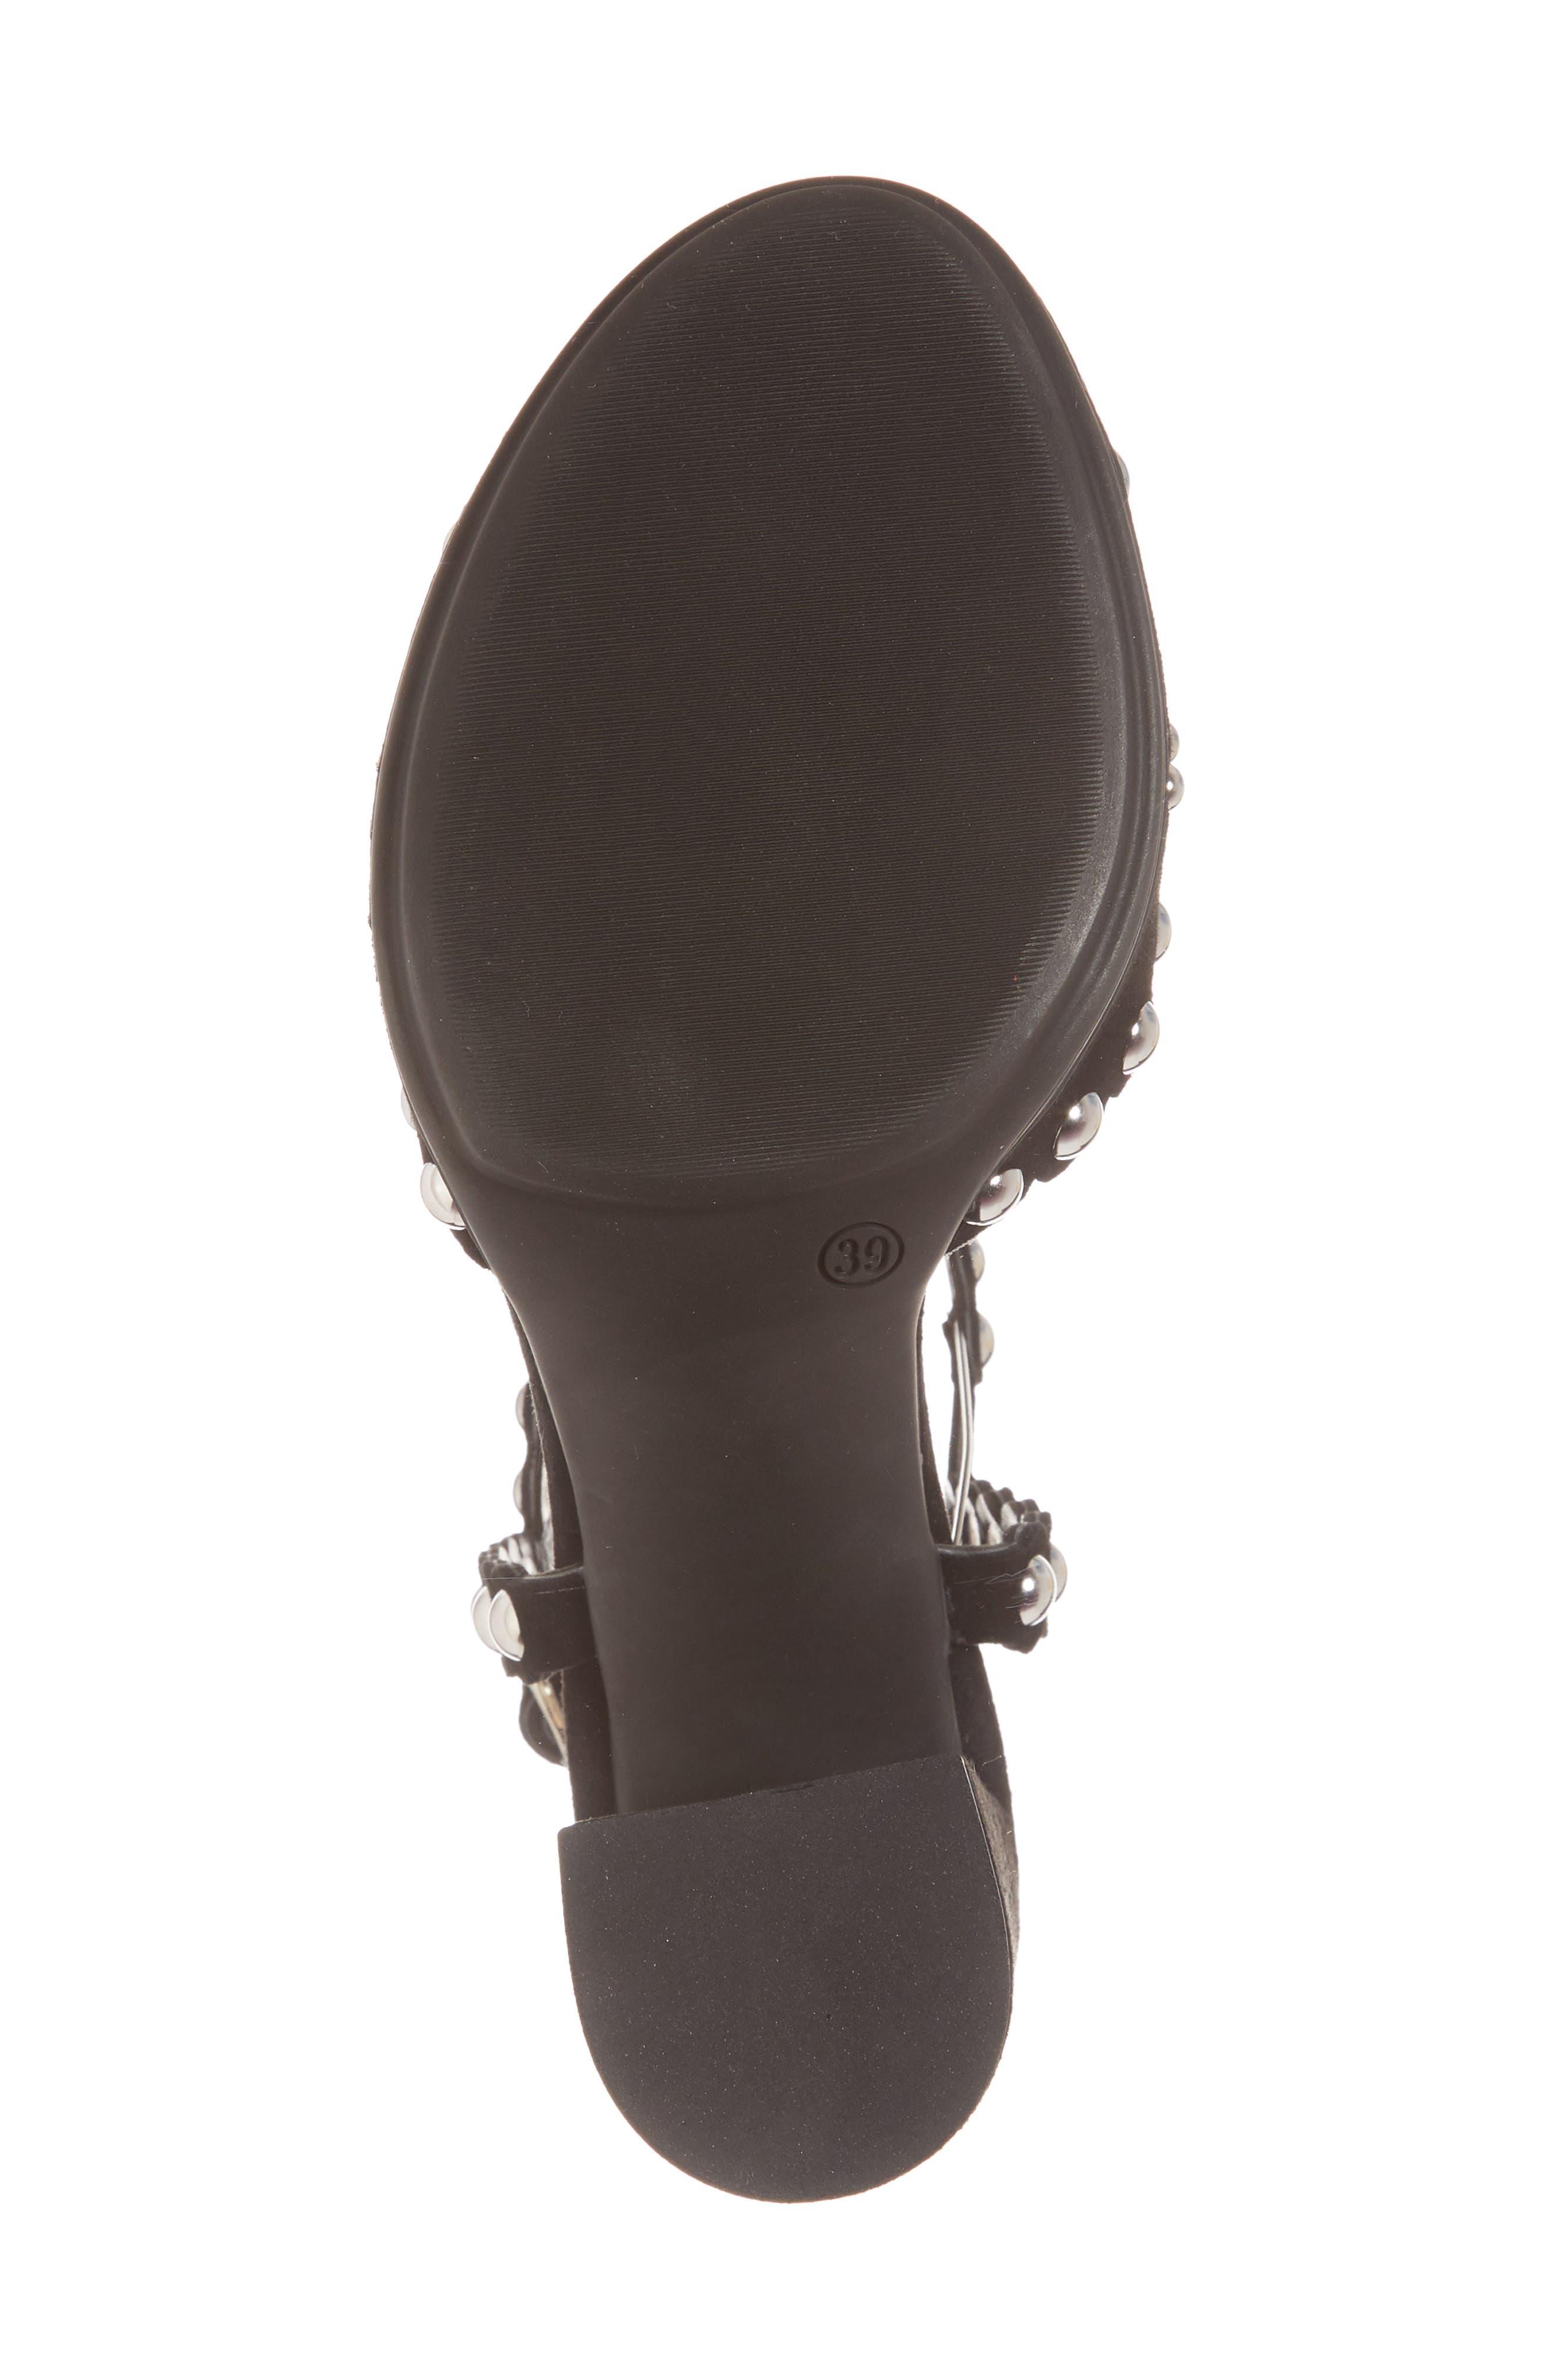 Butter Hetty Studded Ankle Strap Sandal,                             Alternate thumbnail 6, color,                             001